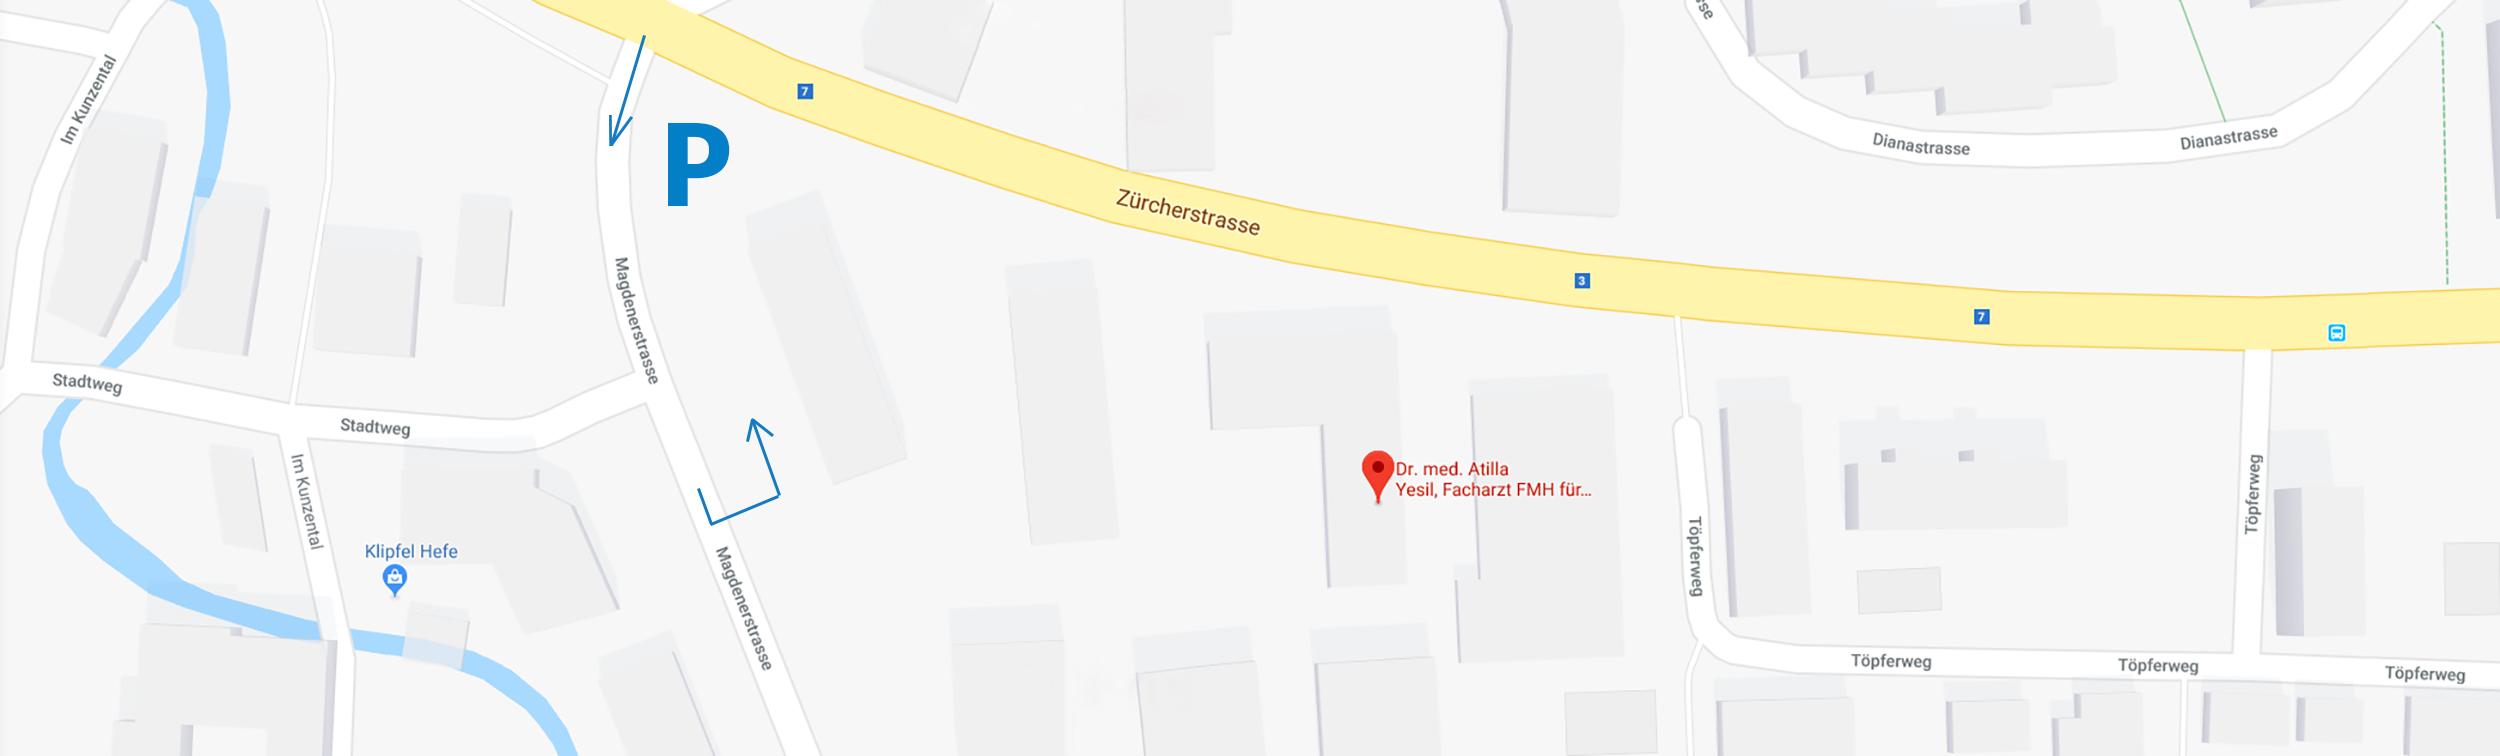 Google Maps von Frauenarzt Dr. med. Atilla Yesil